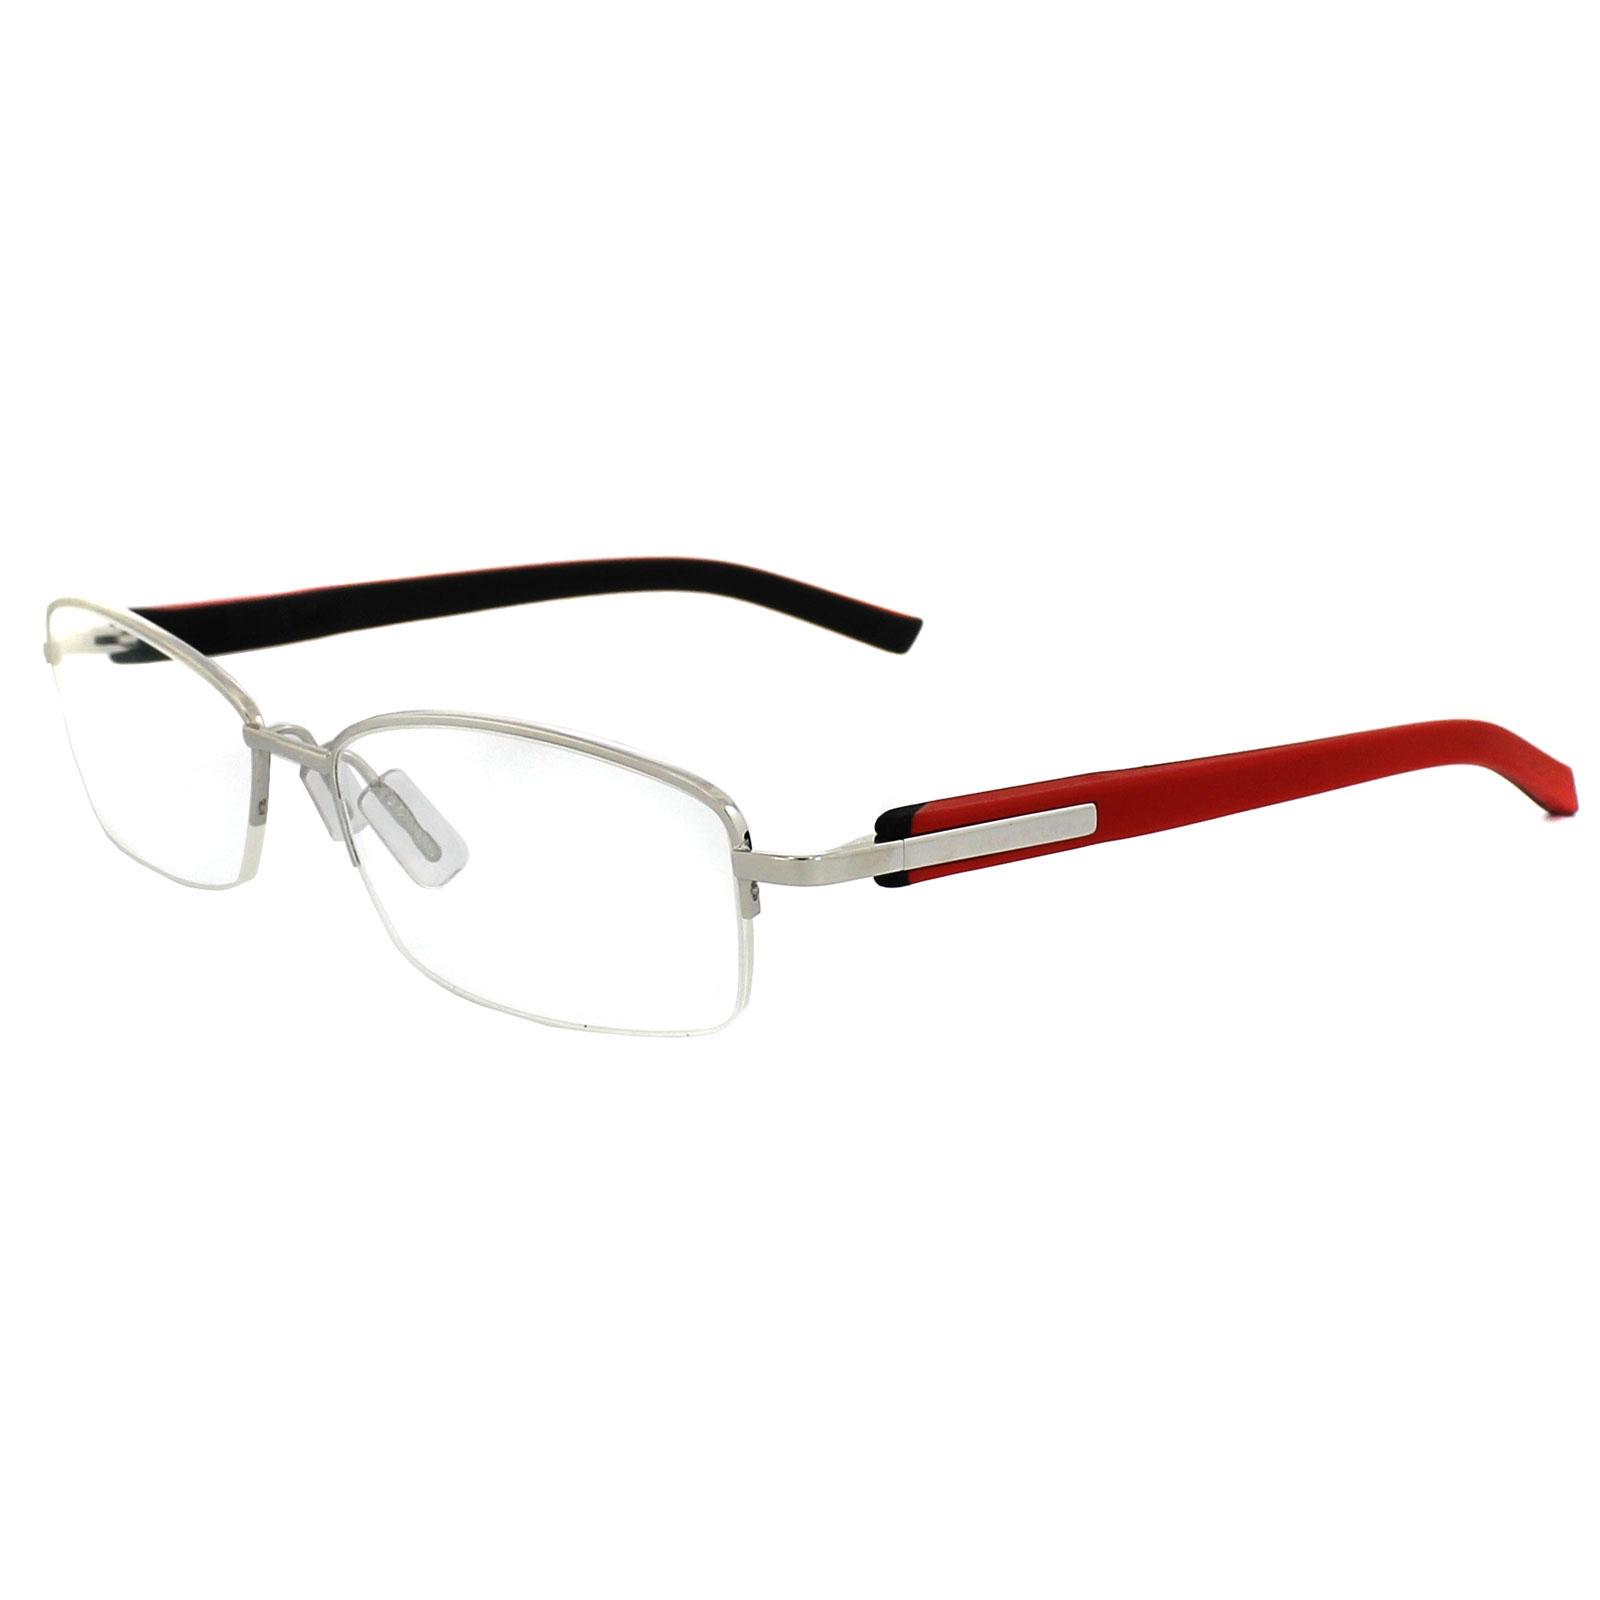 Tag heuer eyeglasses frames uk - Sentinel Tag Heuer Glasses Frames Trends 8210 005 Silver Black Red